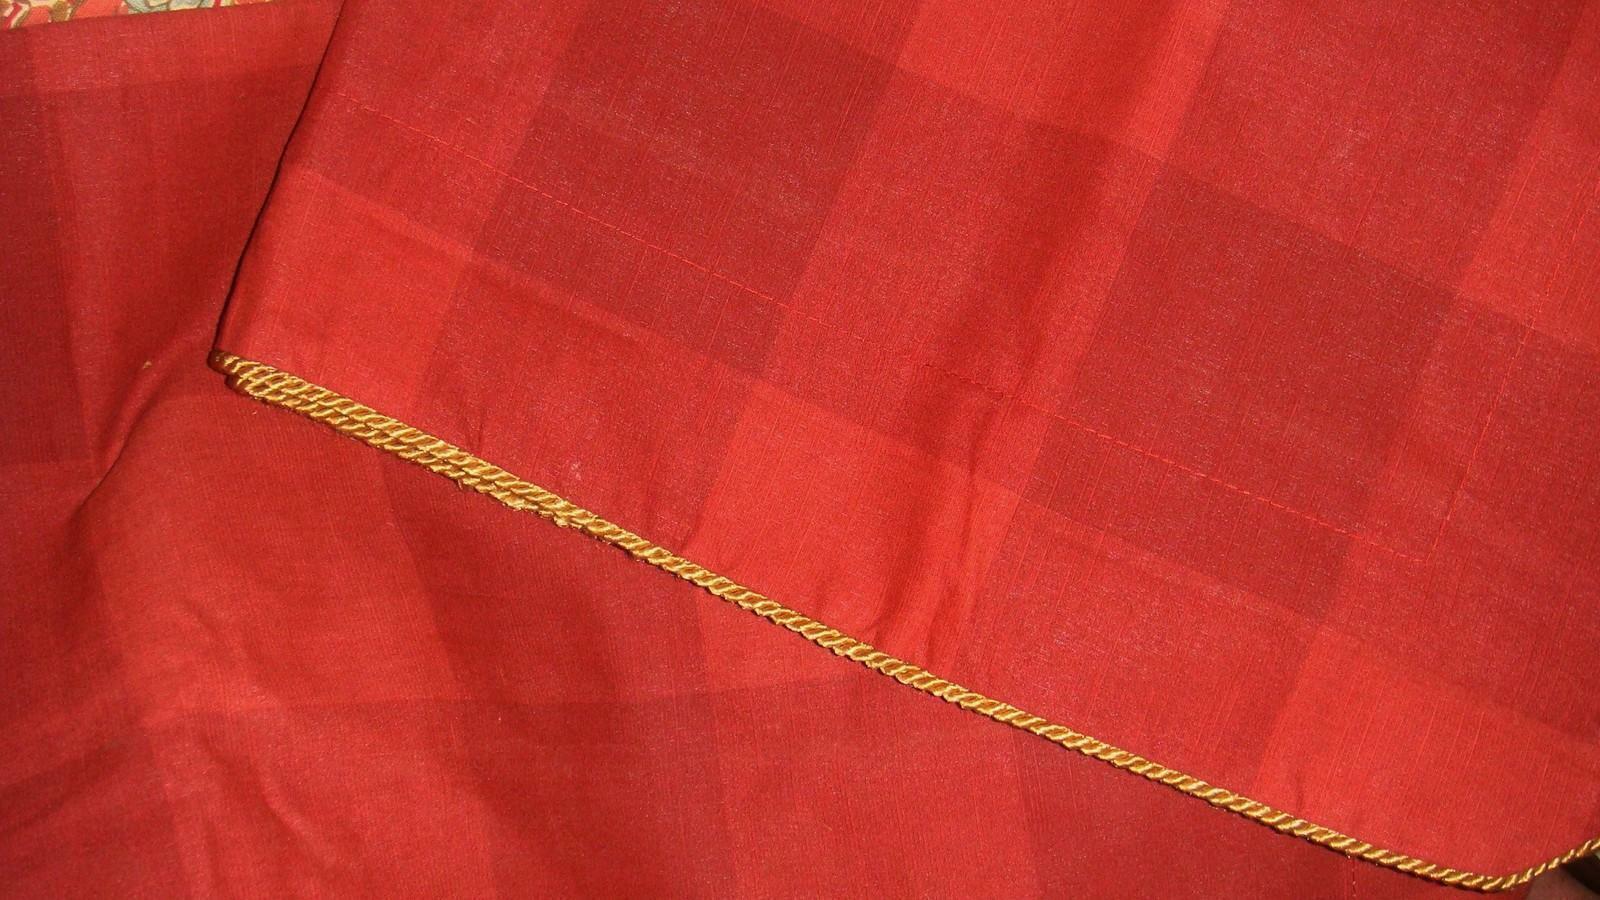 Croscill Serena 2 Red Buffalo Plaid Euro Pillow Shams European EUC Pair